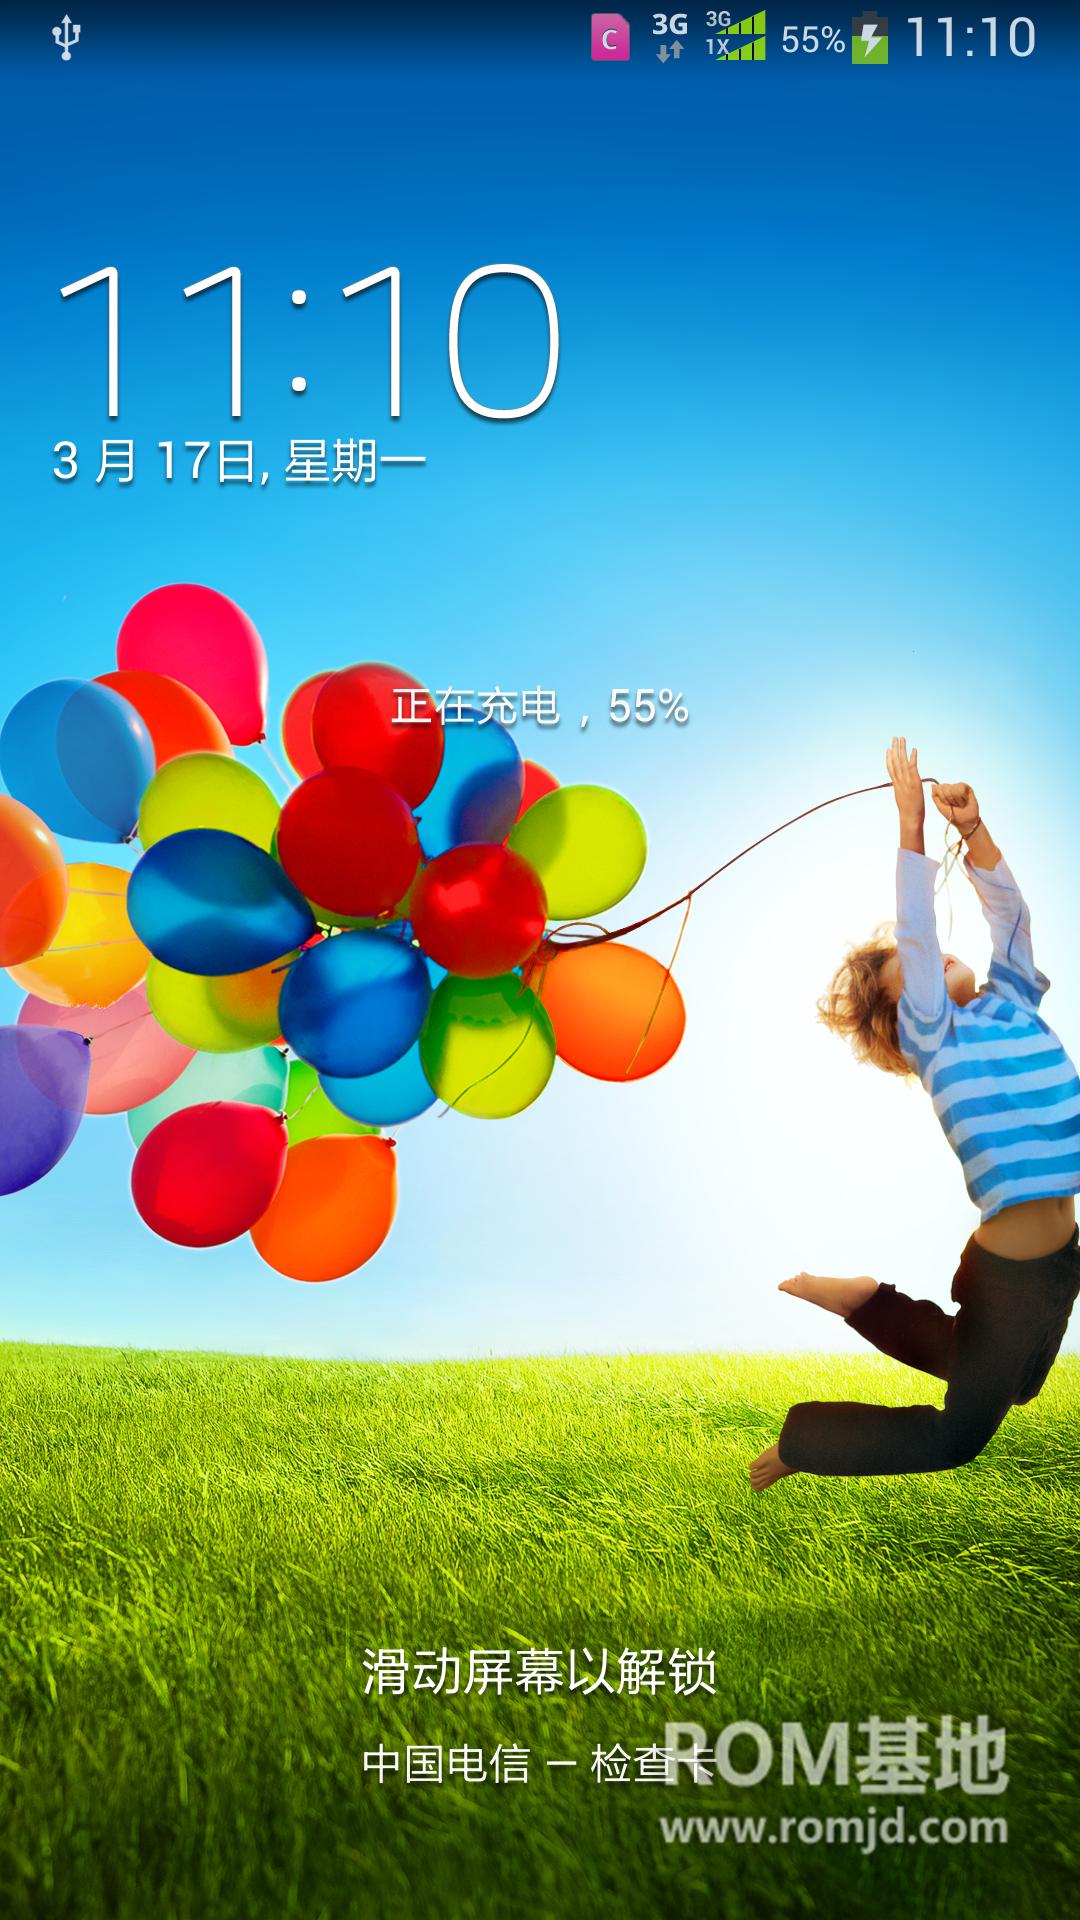 国行电信版三星Galaxy S4 I959KEUGNJ1  4.4.2 官方ROM下载ROM刷机包下载